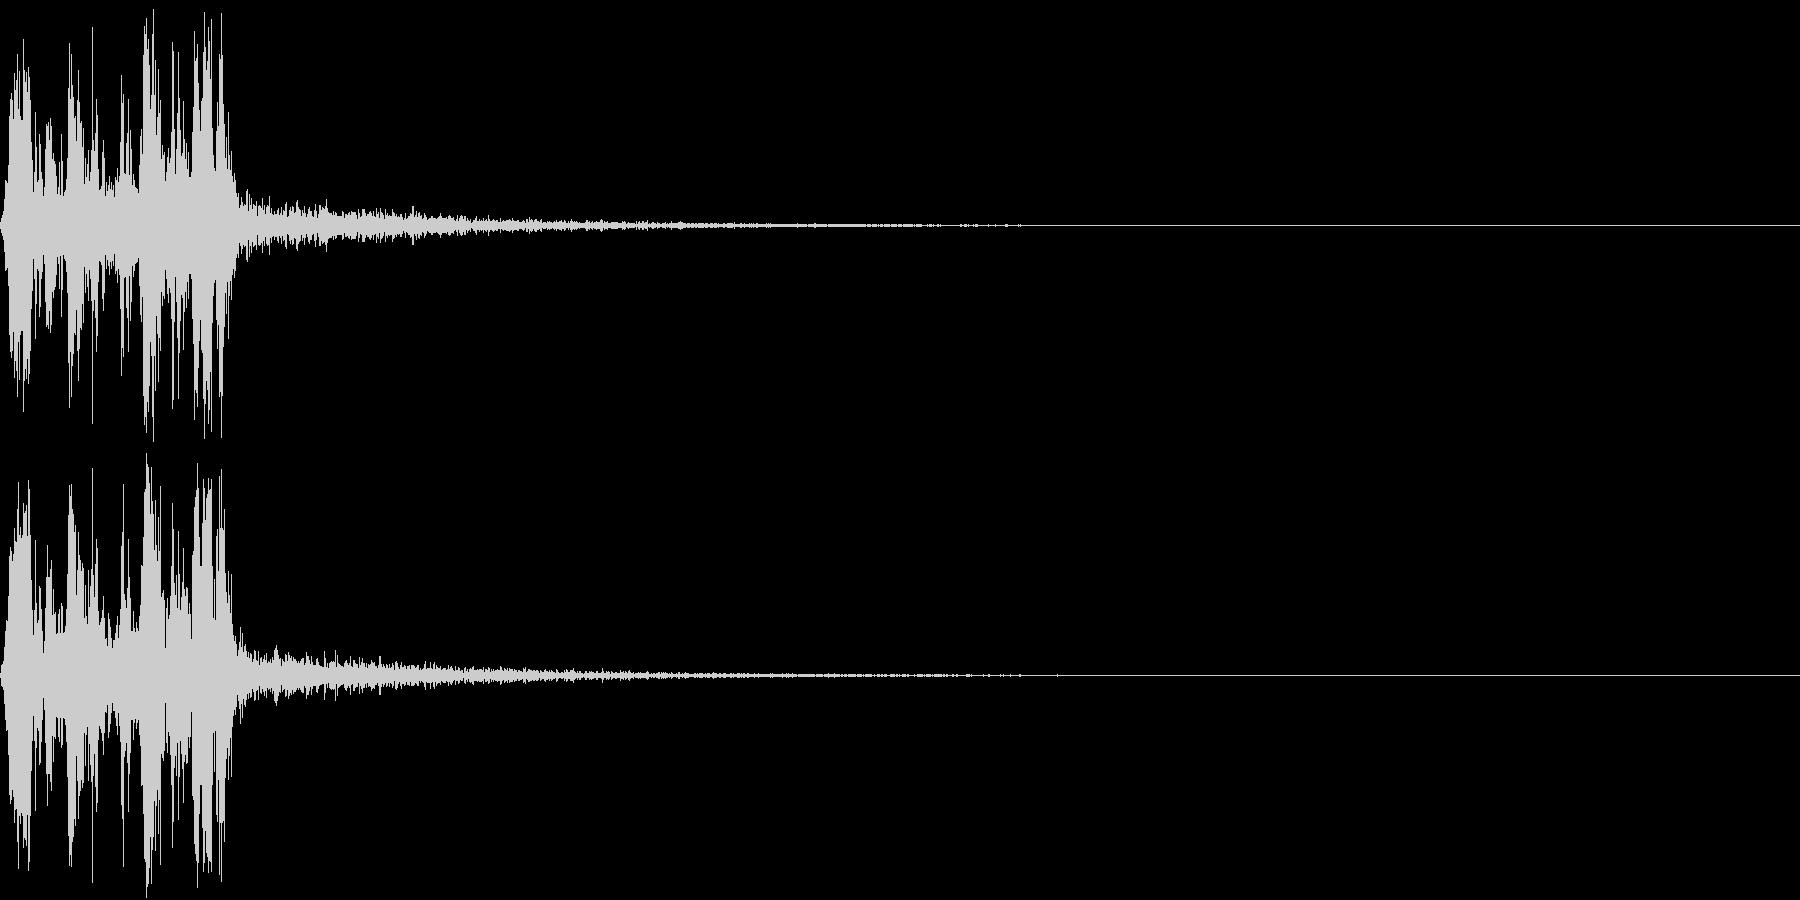 Camera 室内撮影 シャッター音 3の未再生の波形